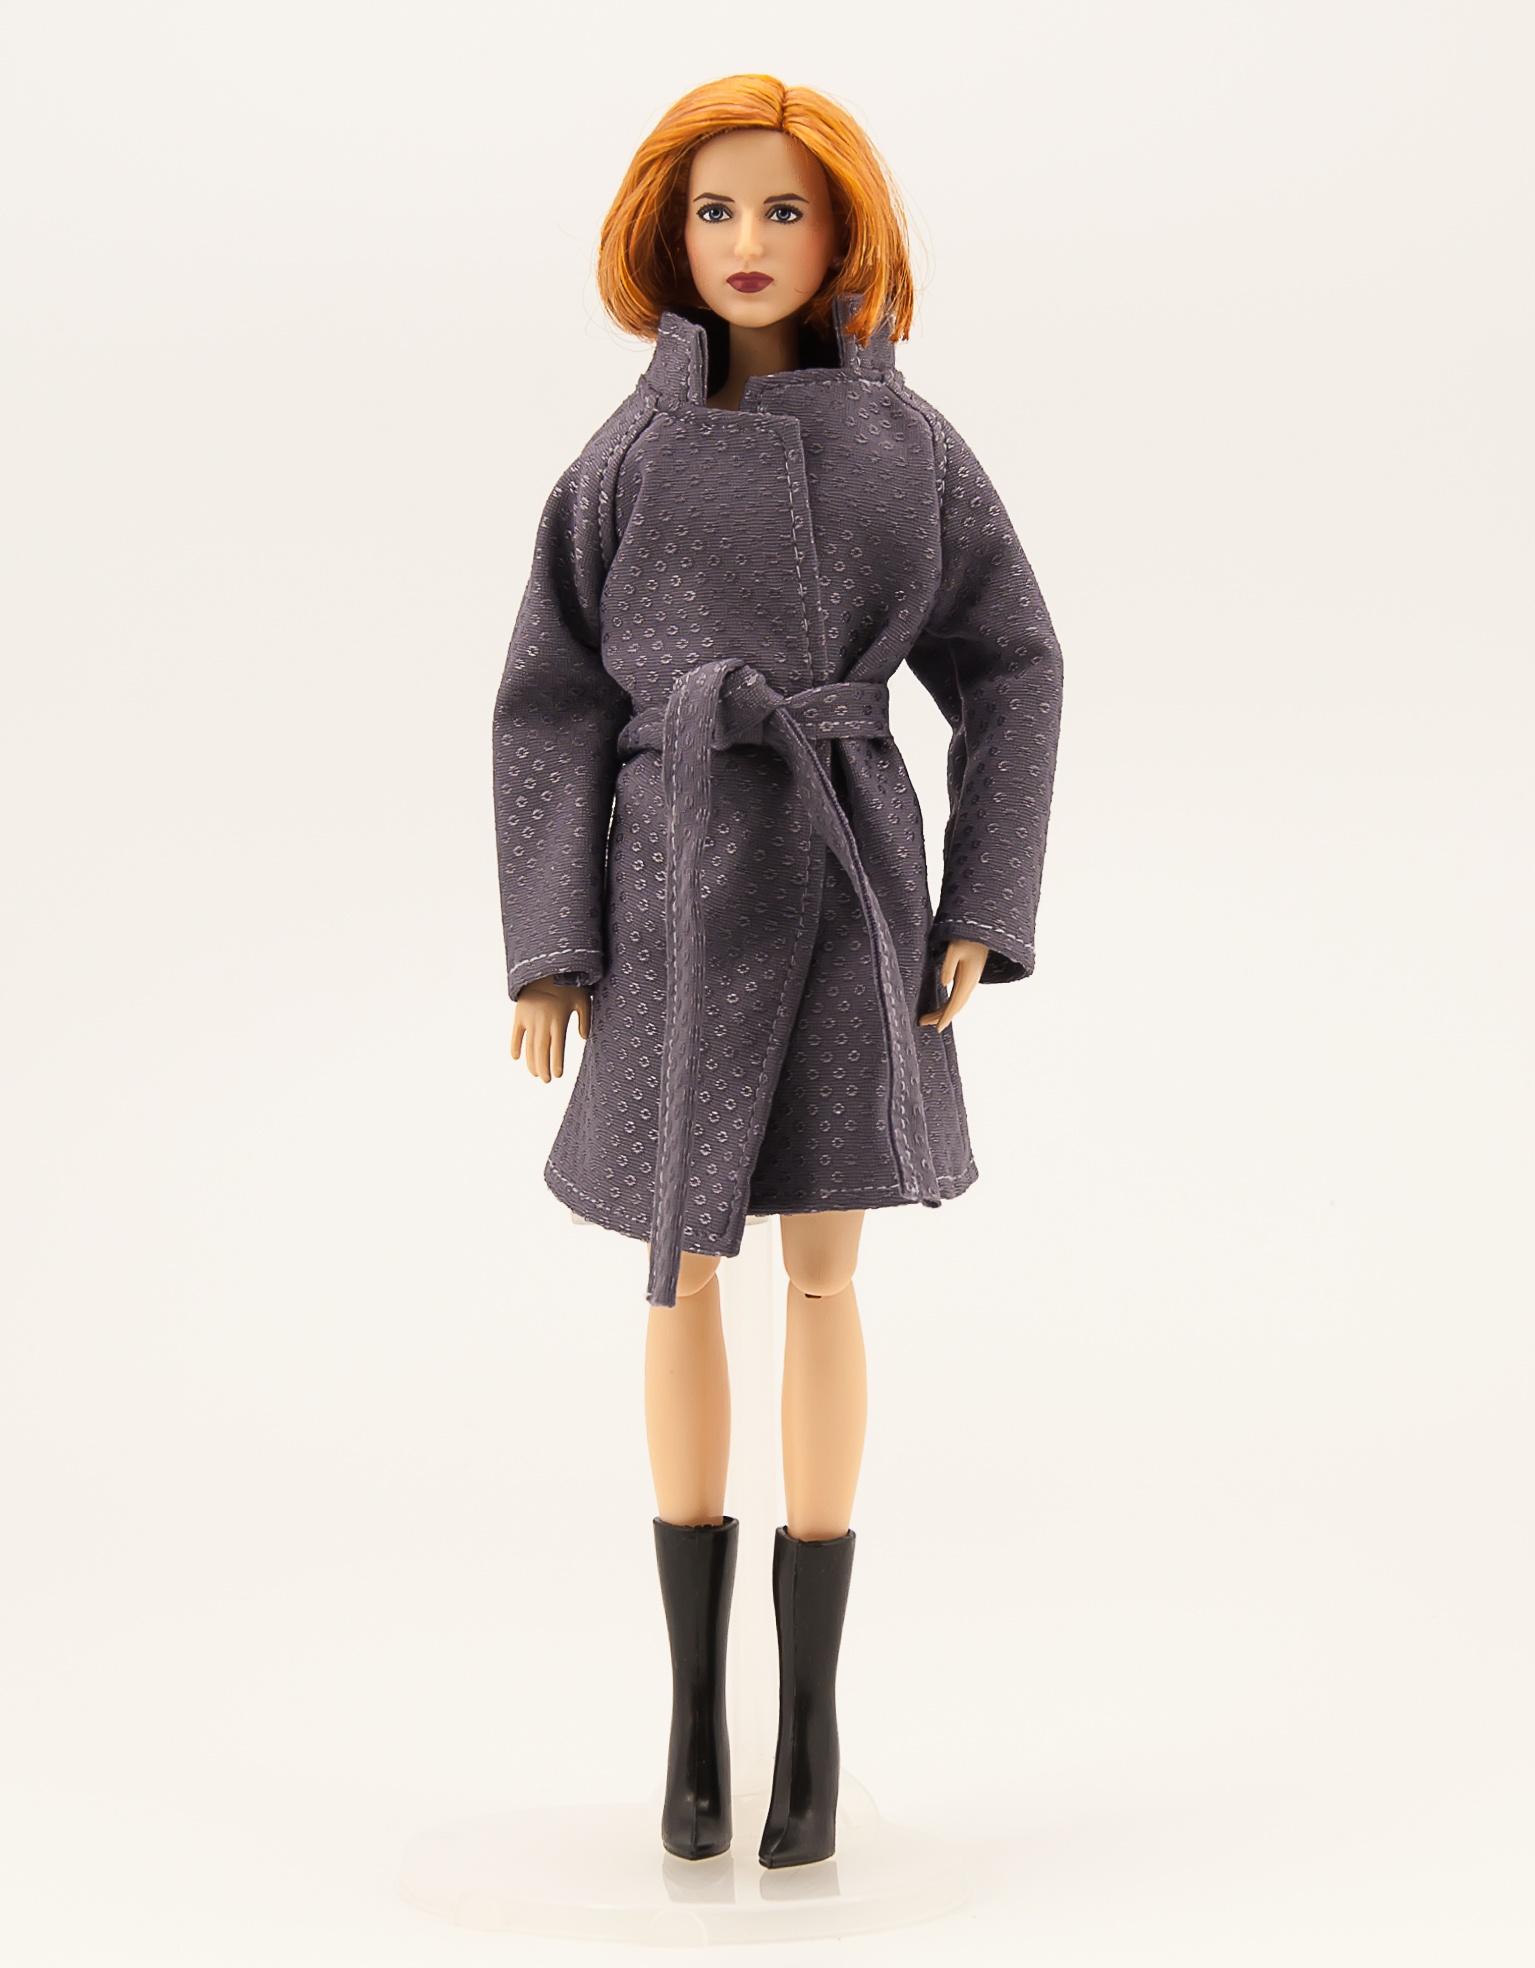 Одежда для кукол Виана одежда жади из клона фото